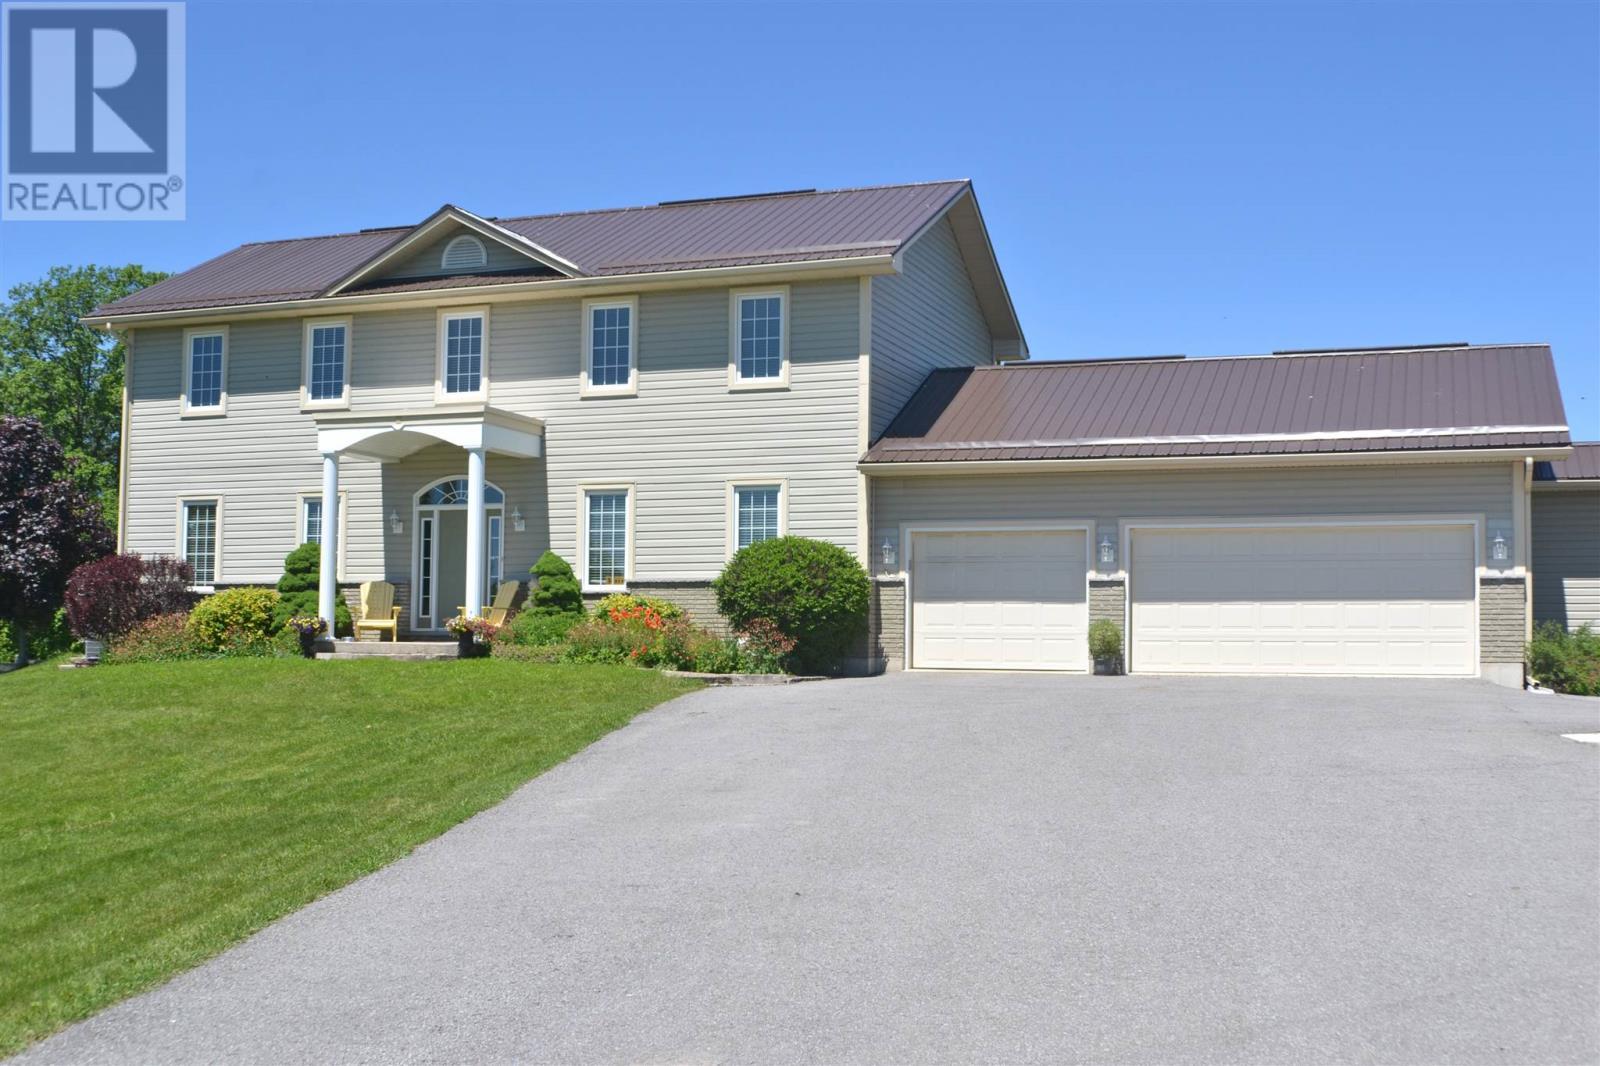 524 Hoover Rd, Stirling/rawdon, Ontario  K0K 3E0 - Photo 2 - K21000650